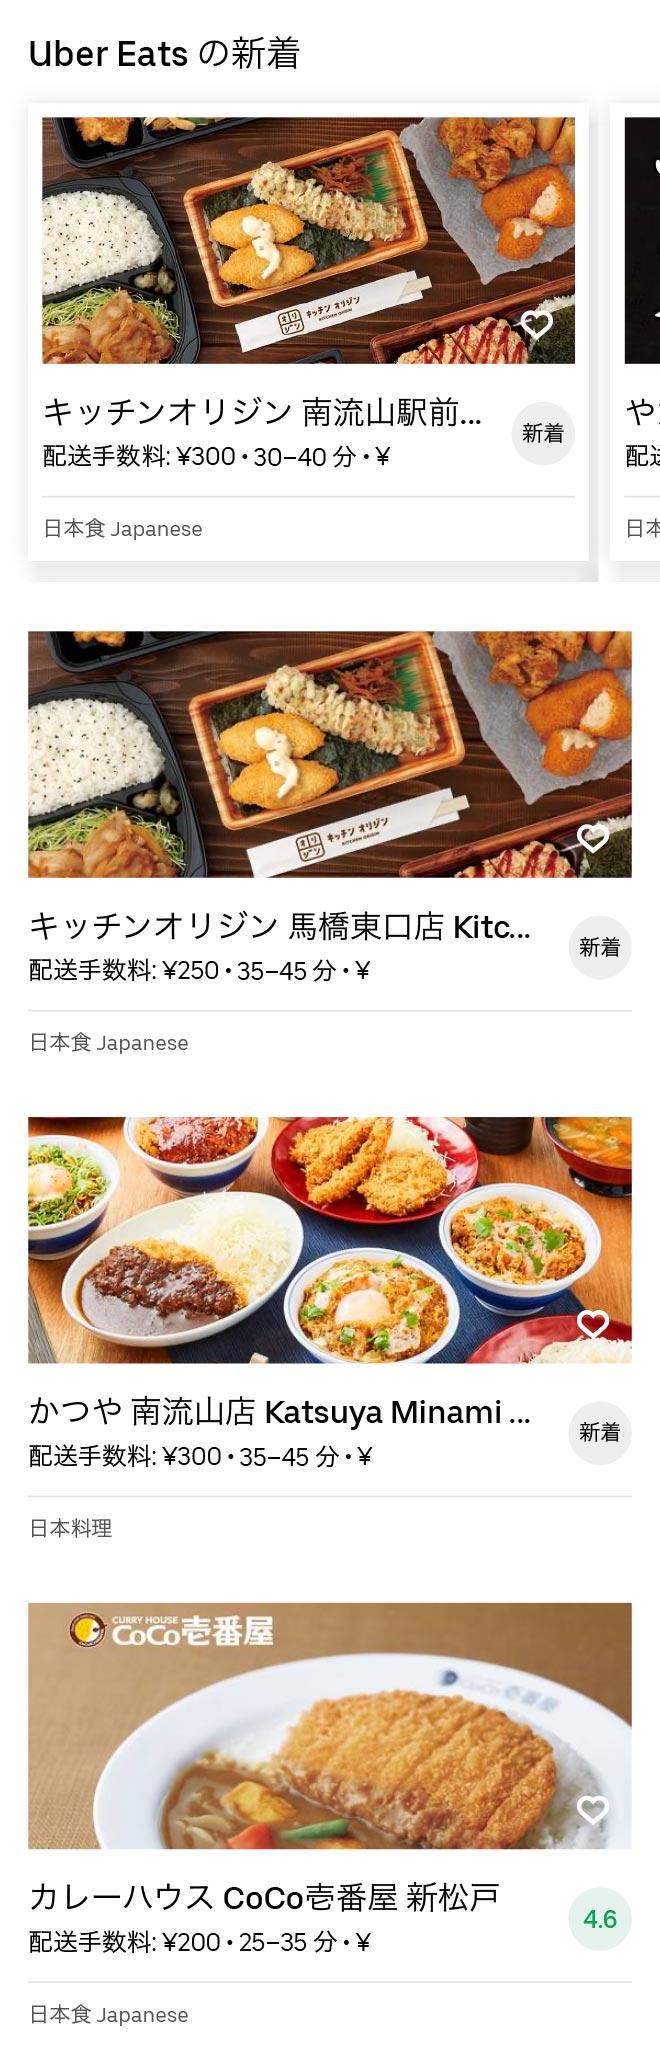 Shin matsudo menu 2007 03